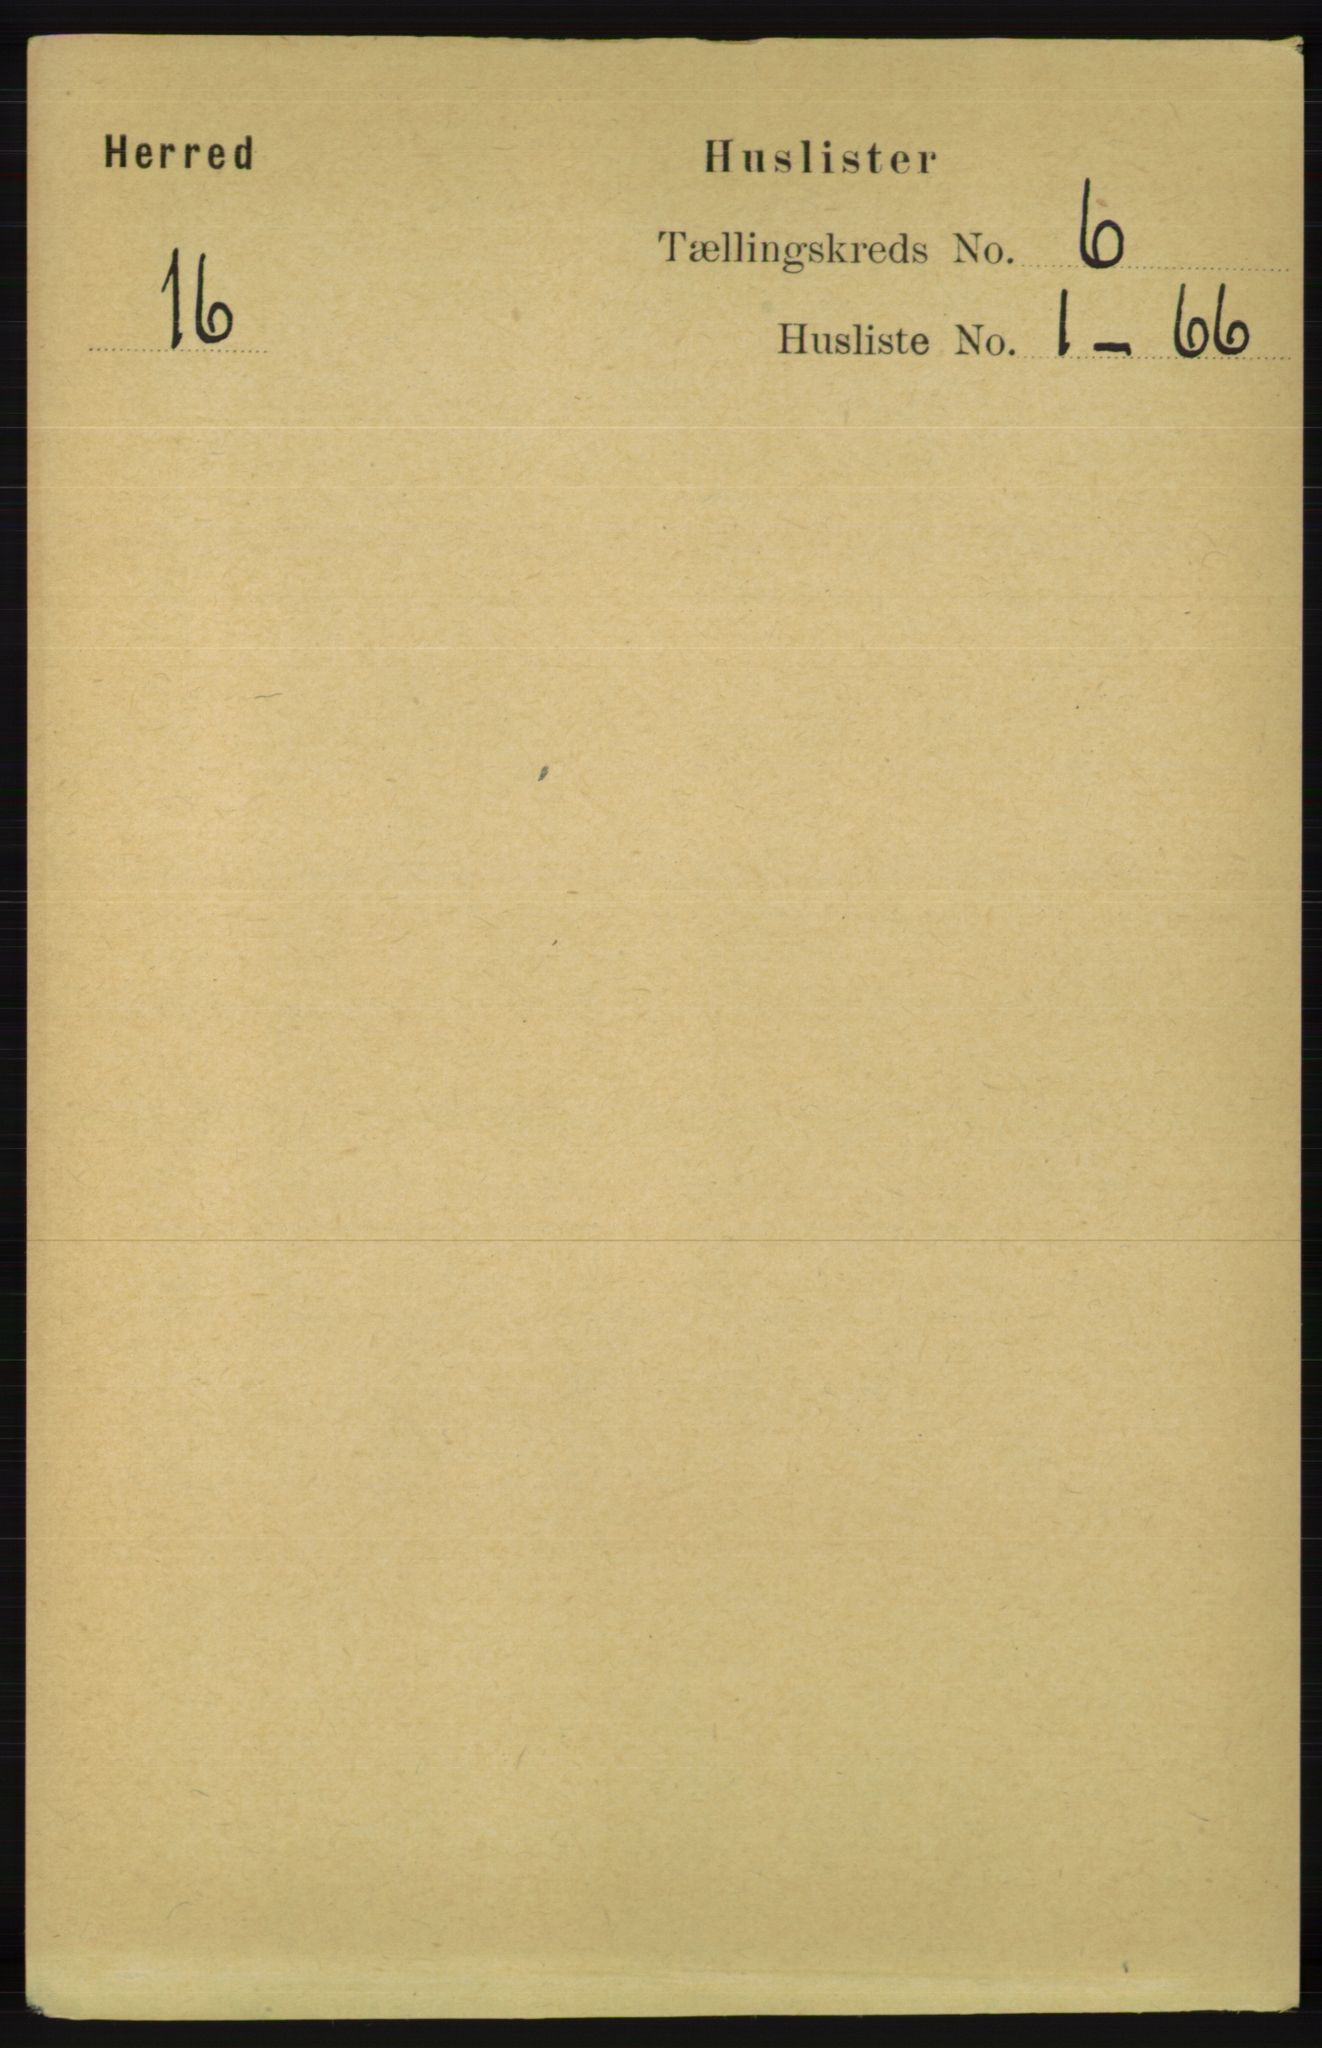 RA, Folketelling 1891 for 1039 Herad herred, 1891, s. 2233